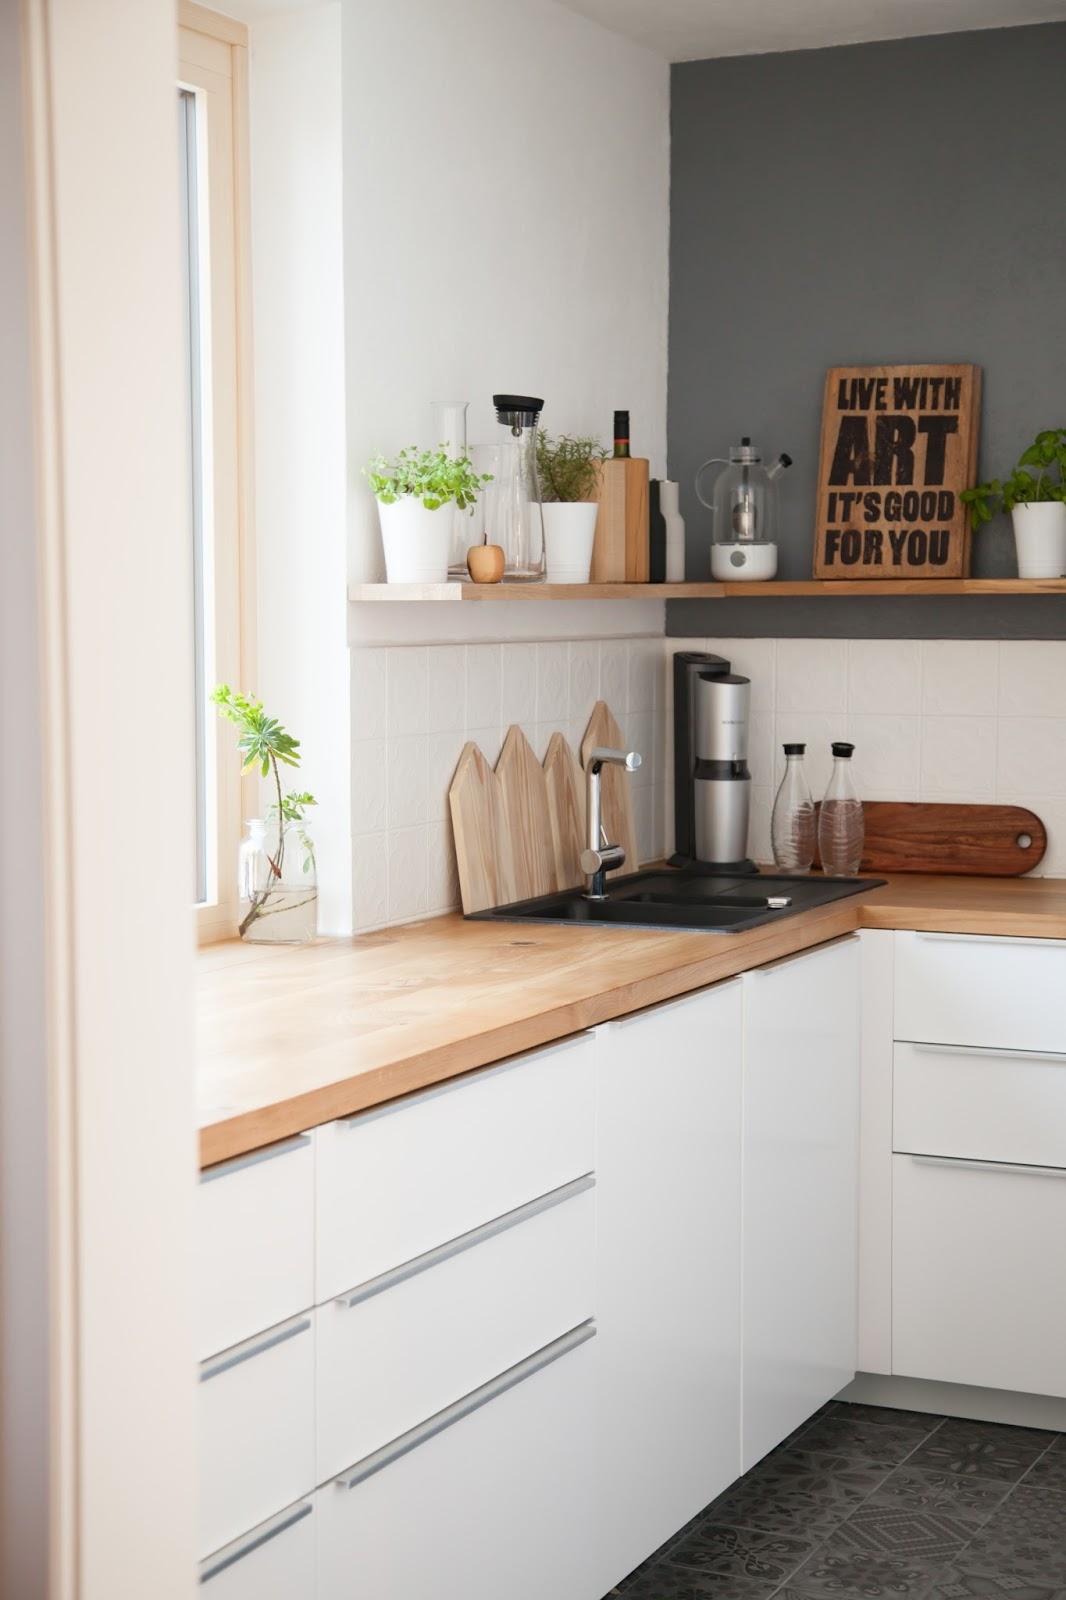 Vorher-Nachher: Unsere Traum-Küche unter 5000 Euro / WOHN:PROJEKT